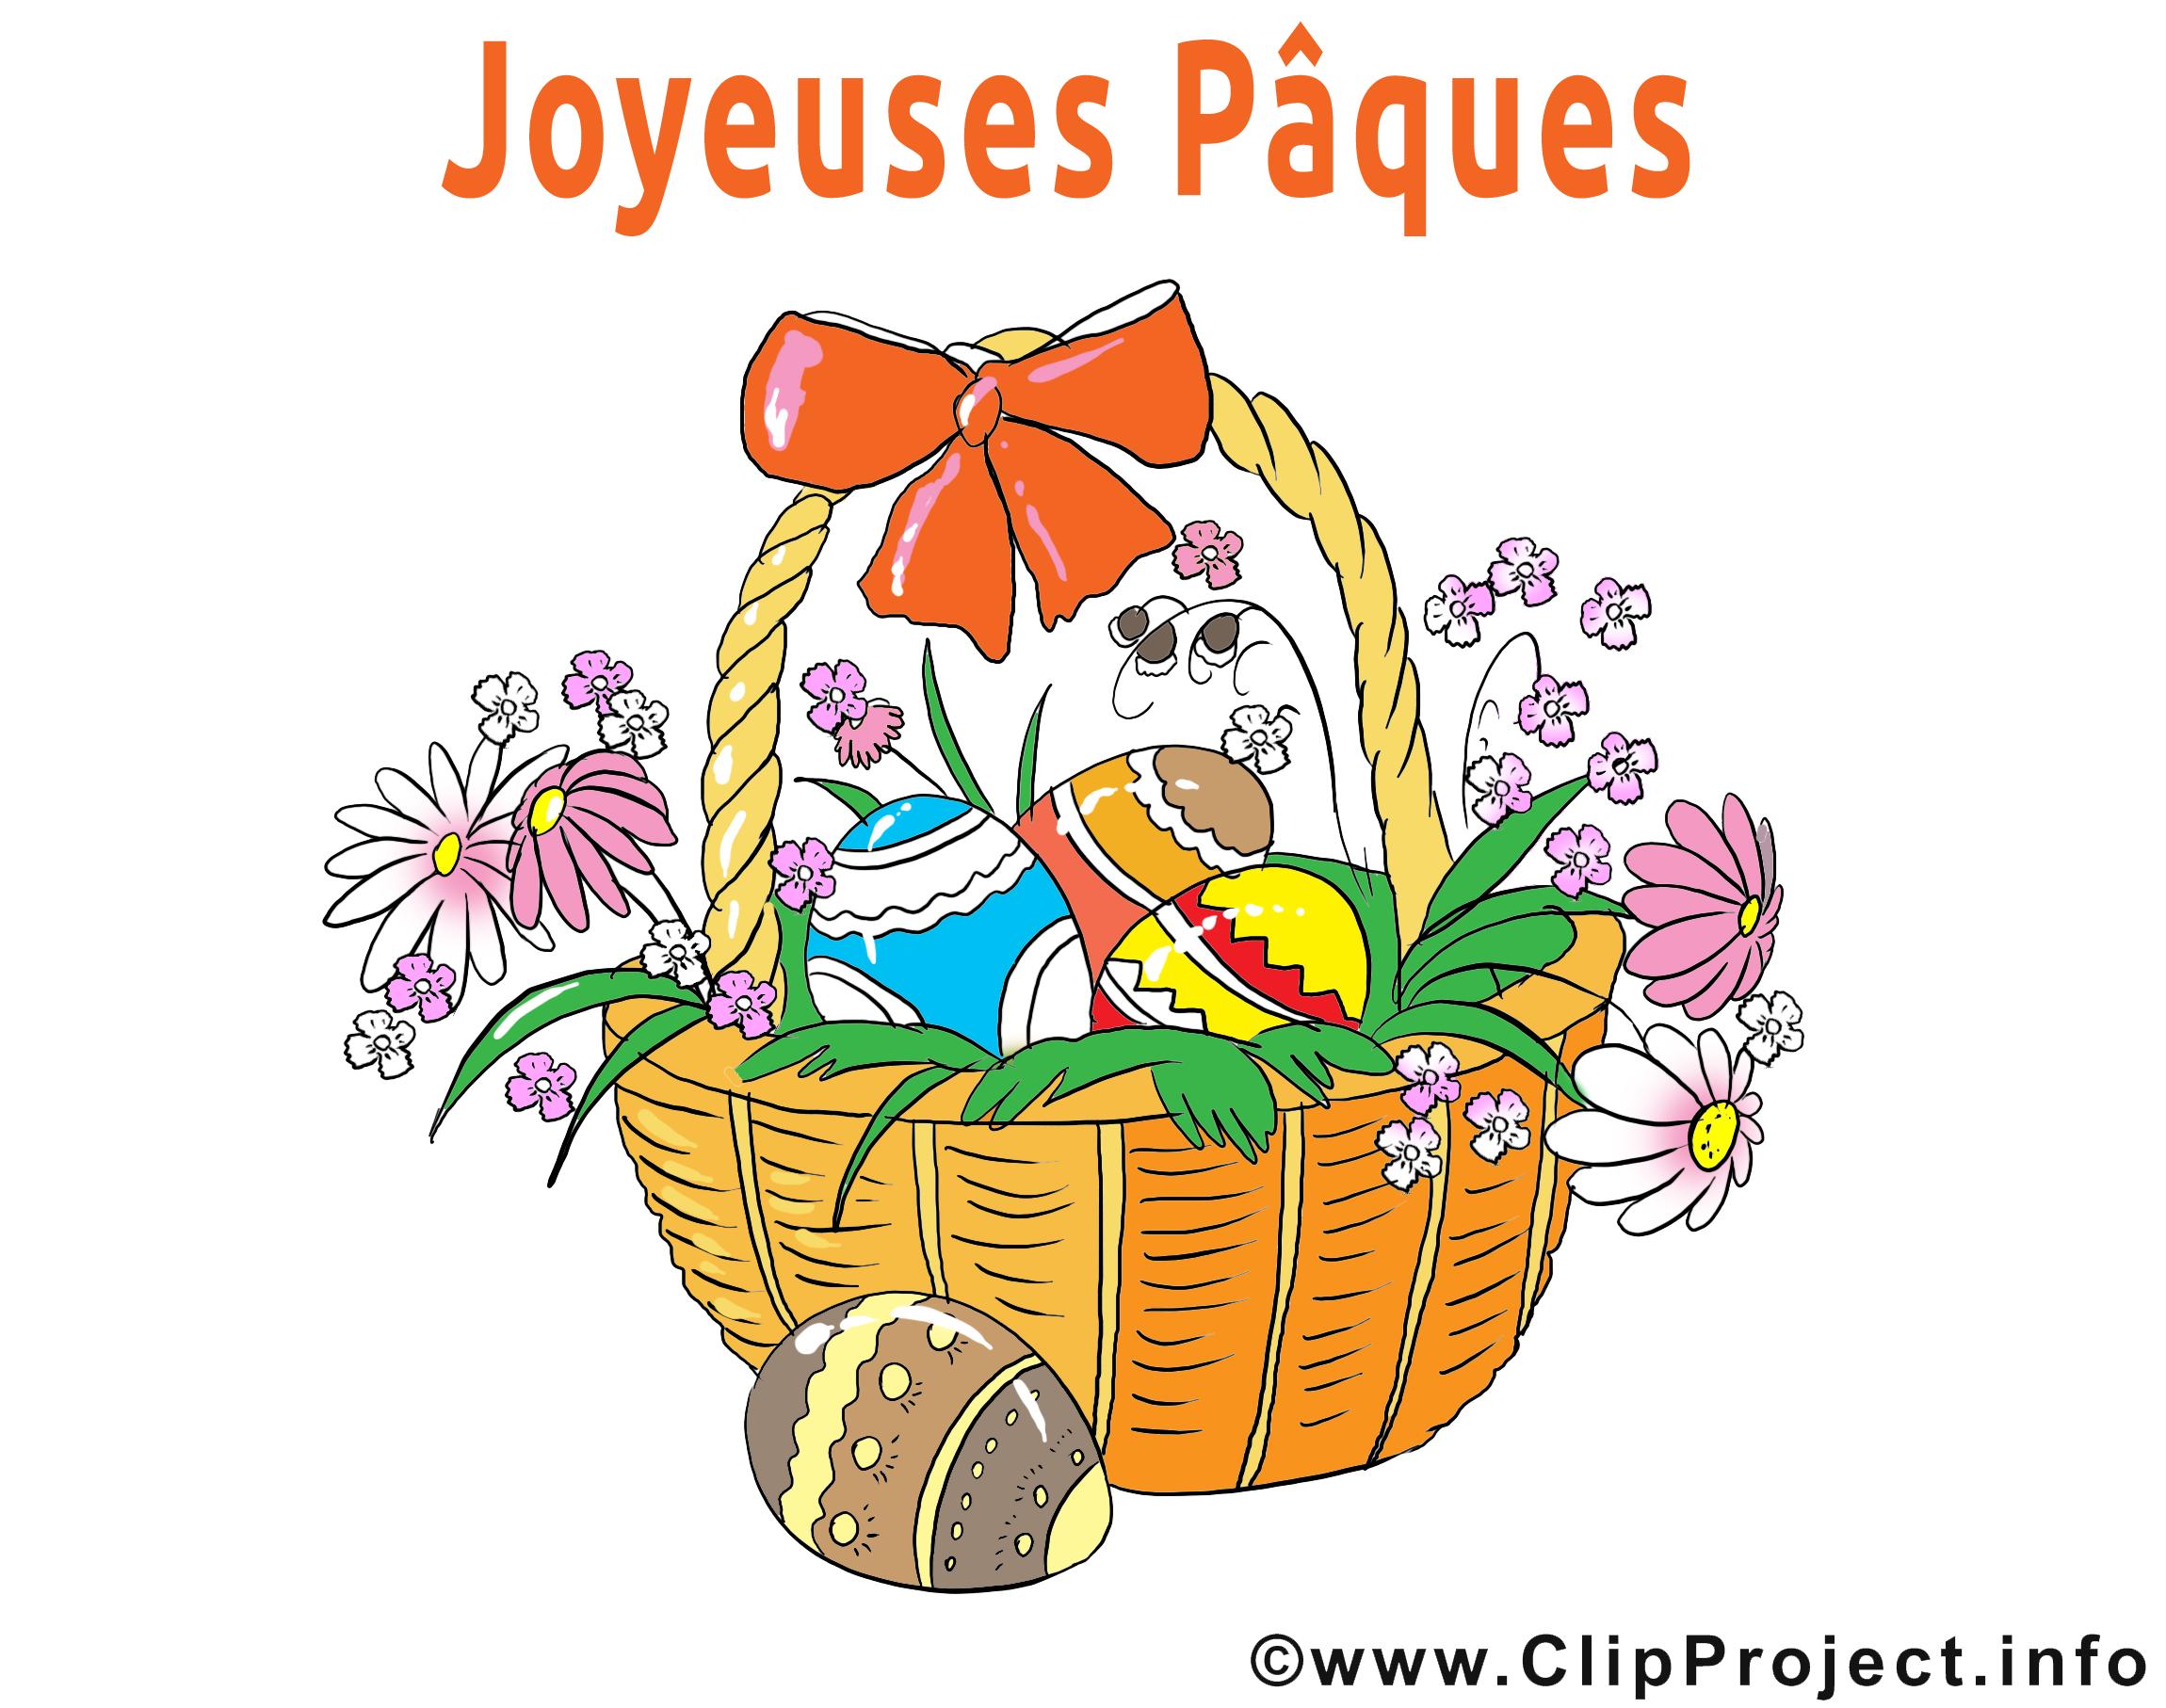 Panier clip art gratuit p ques images p ques dessin picture image graphic clip art - Image pour paques gratuites ...